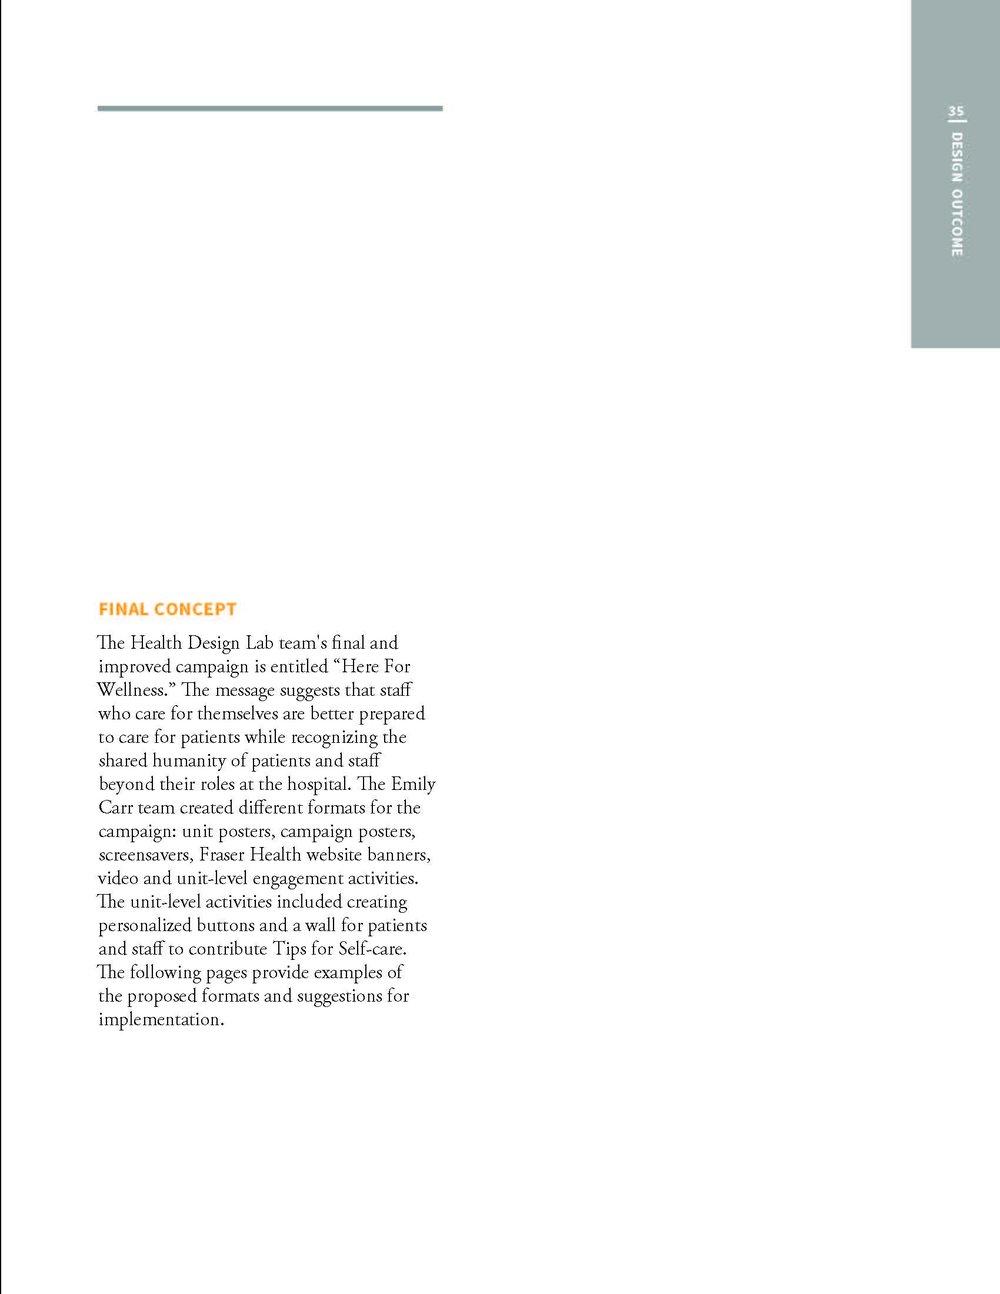 Copy of HDL_Fraser_Health_V4_Page_35.jpg